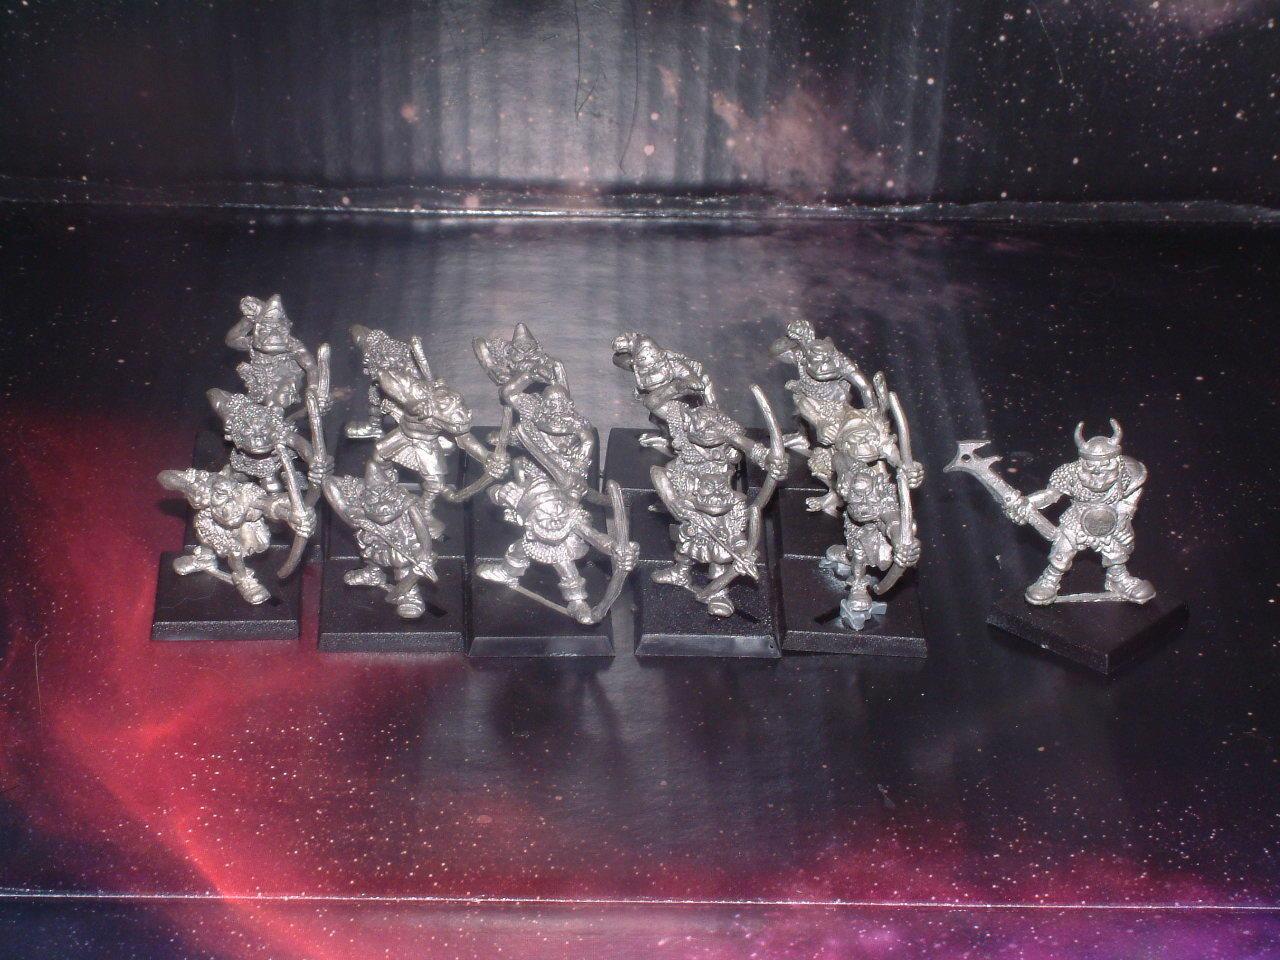 Orks und goblins warhammer - regimenter renommee, 16 x harboth ist ork - bogenschützen, huch.